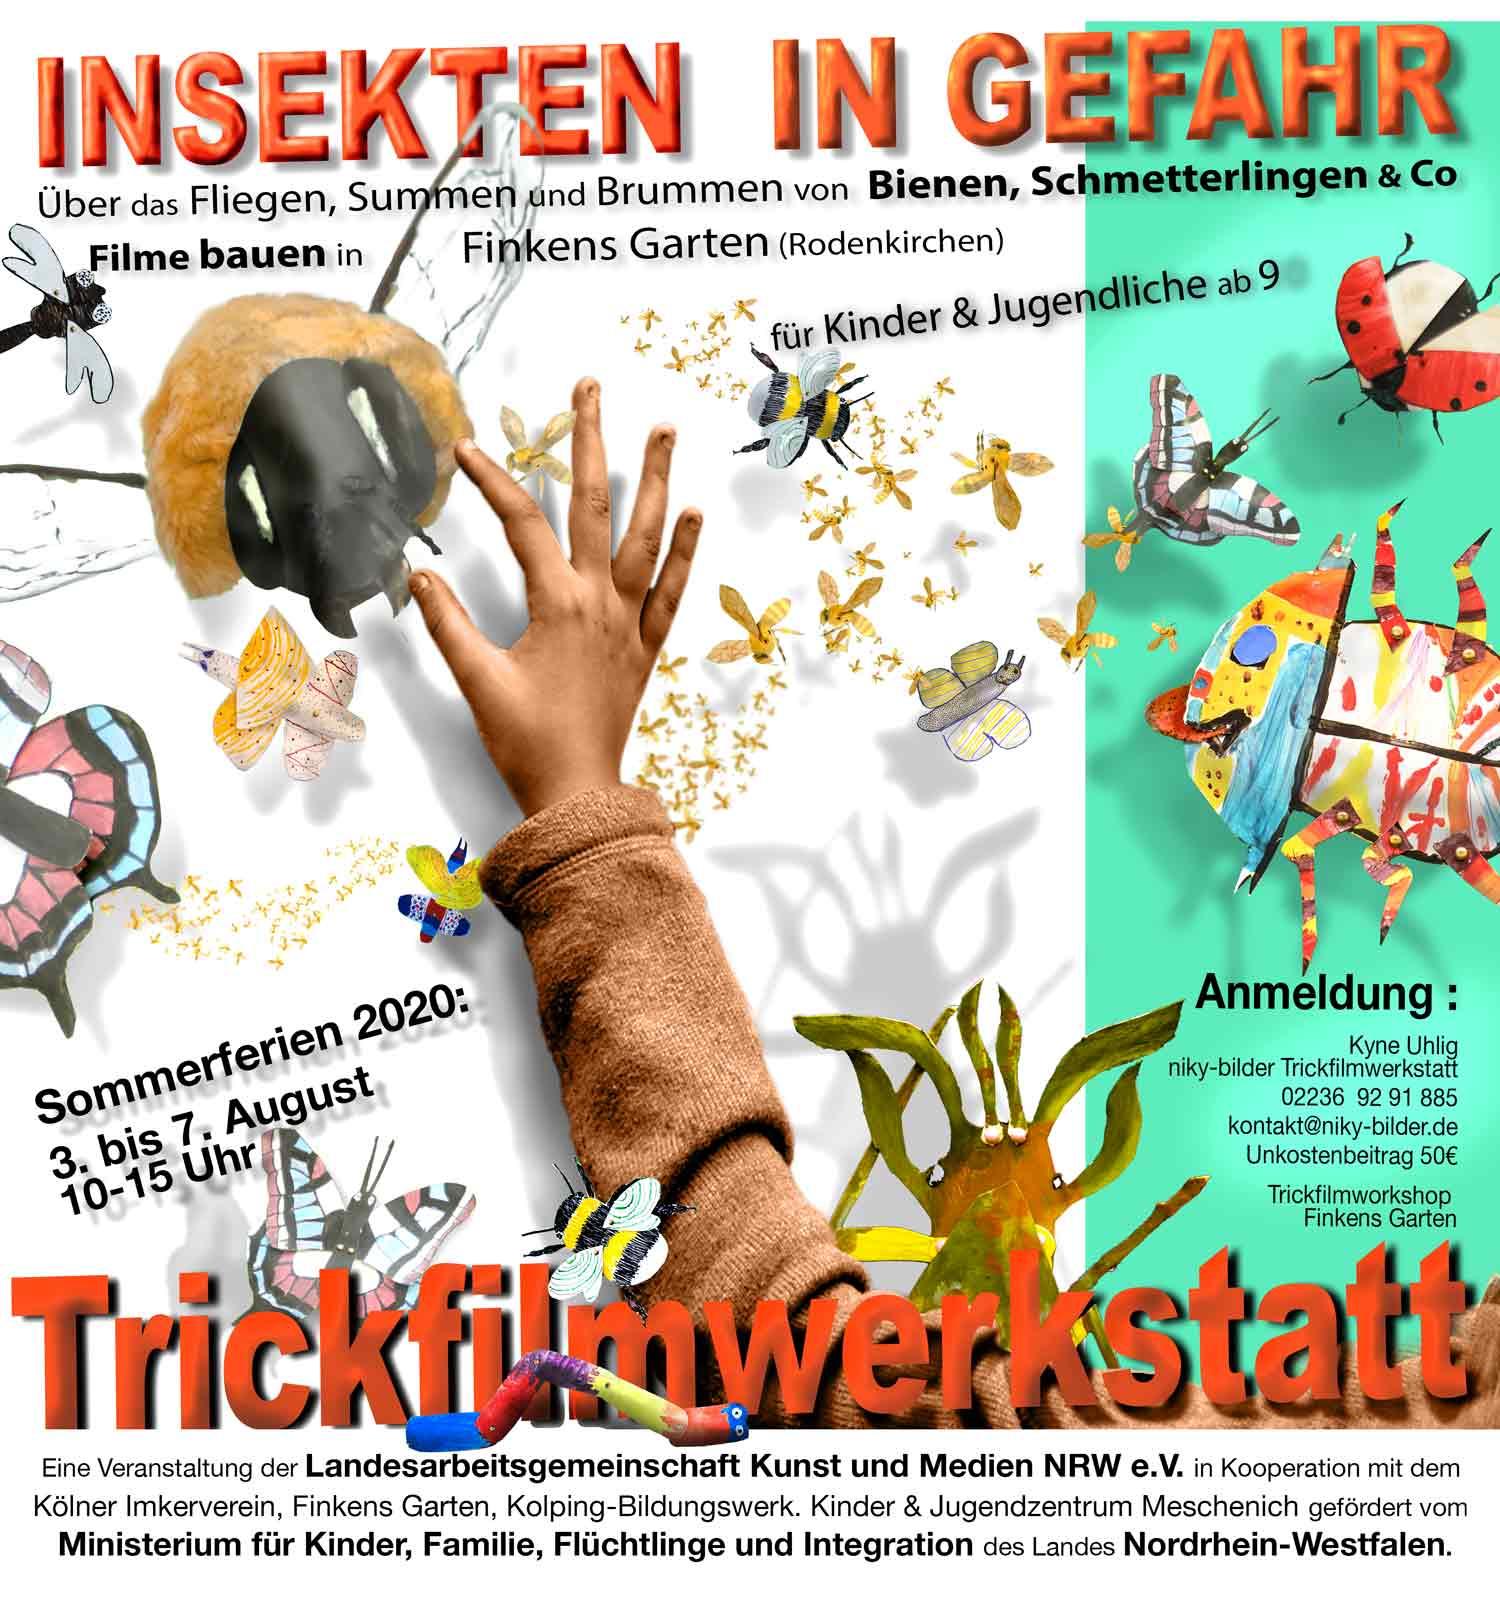 Trickfilm-Werkstatt für Kinder und Jugendliche